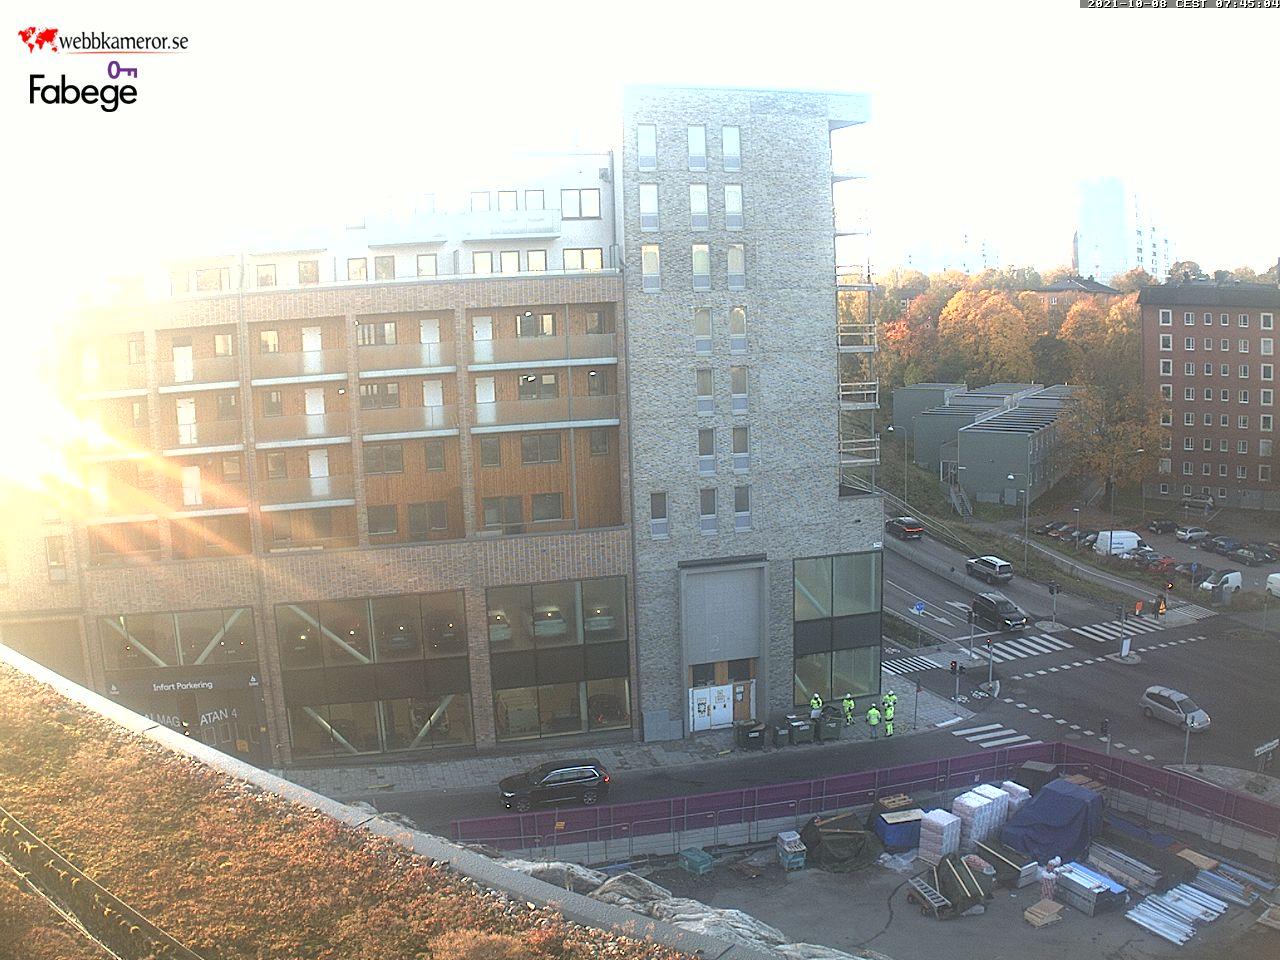 Webbkamera - Haga Norra i Solna